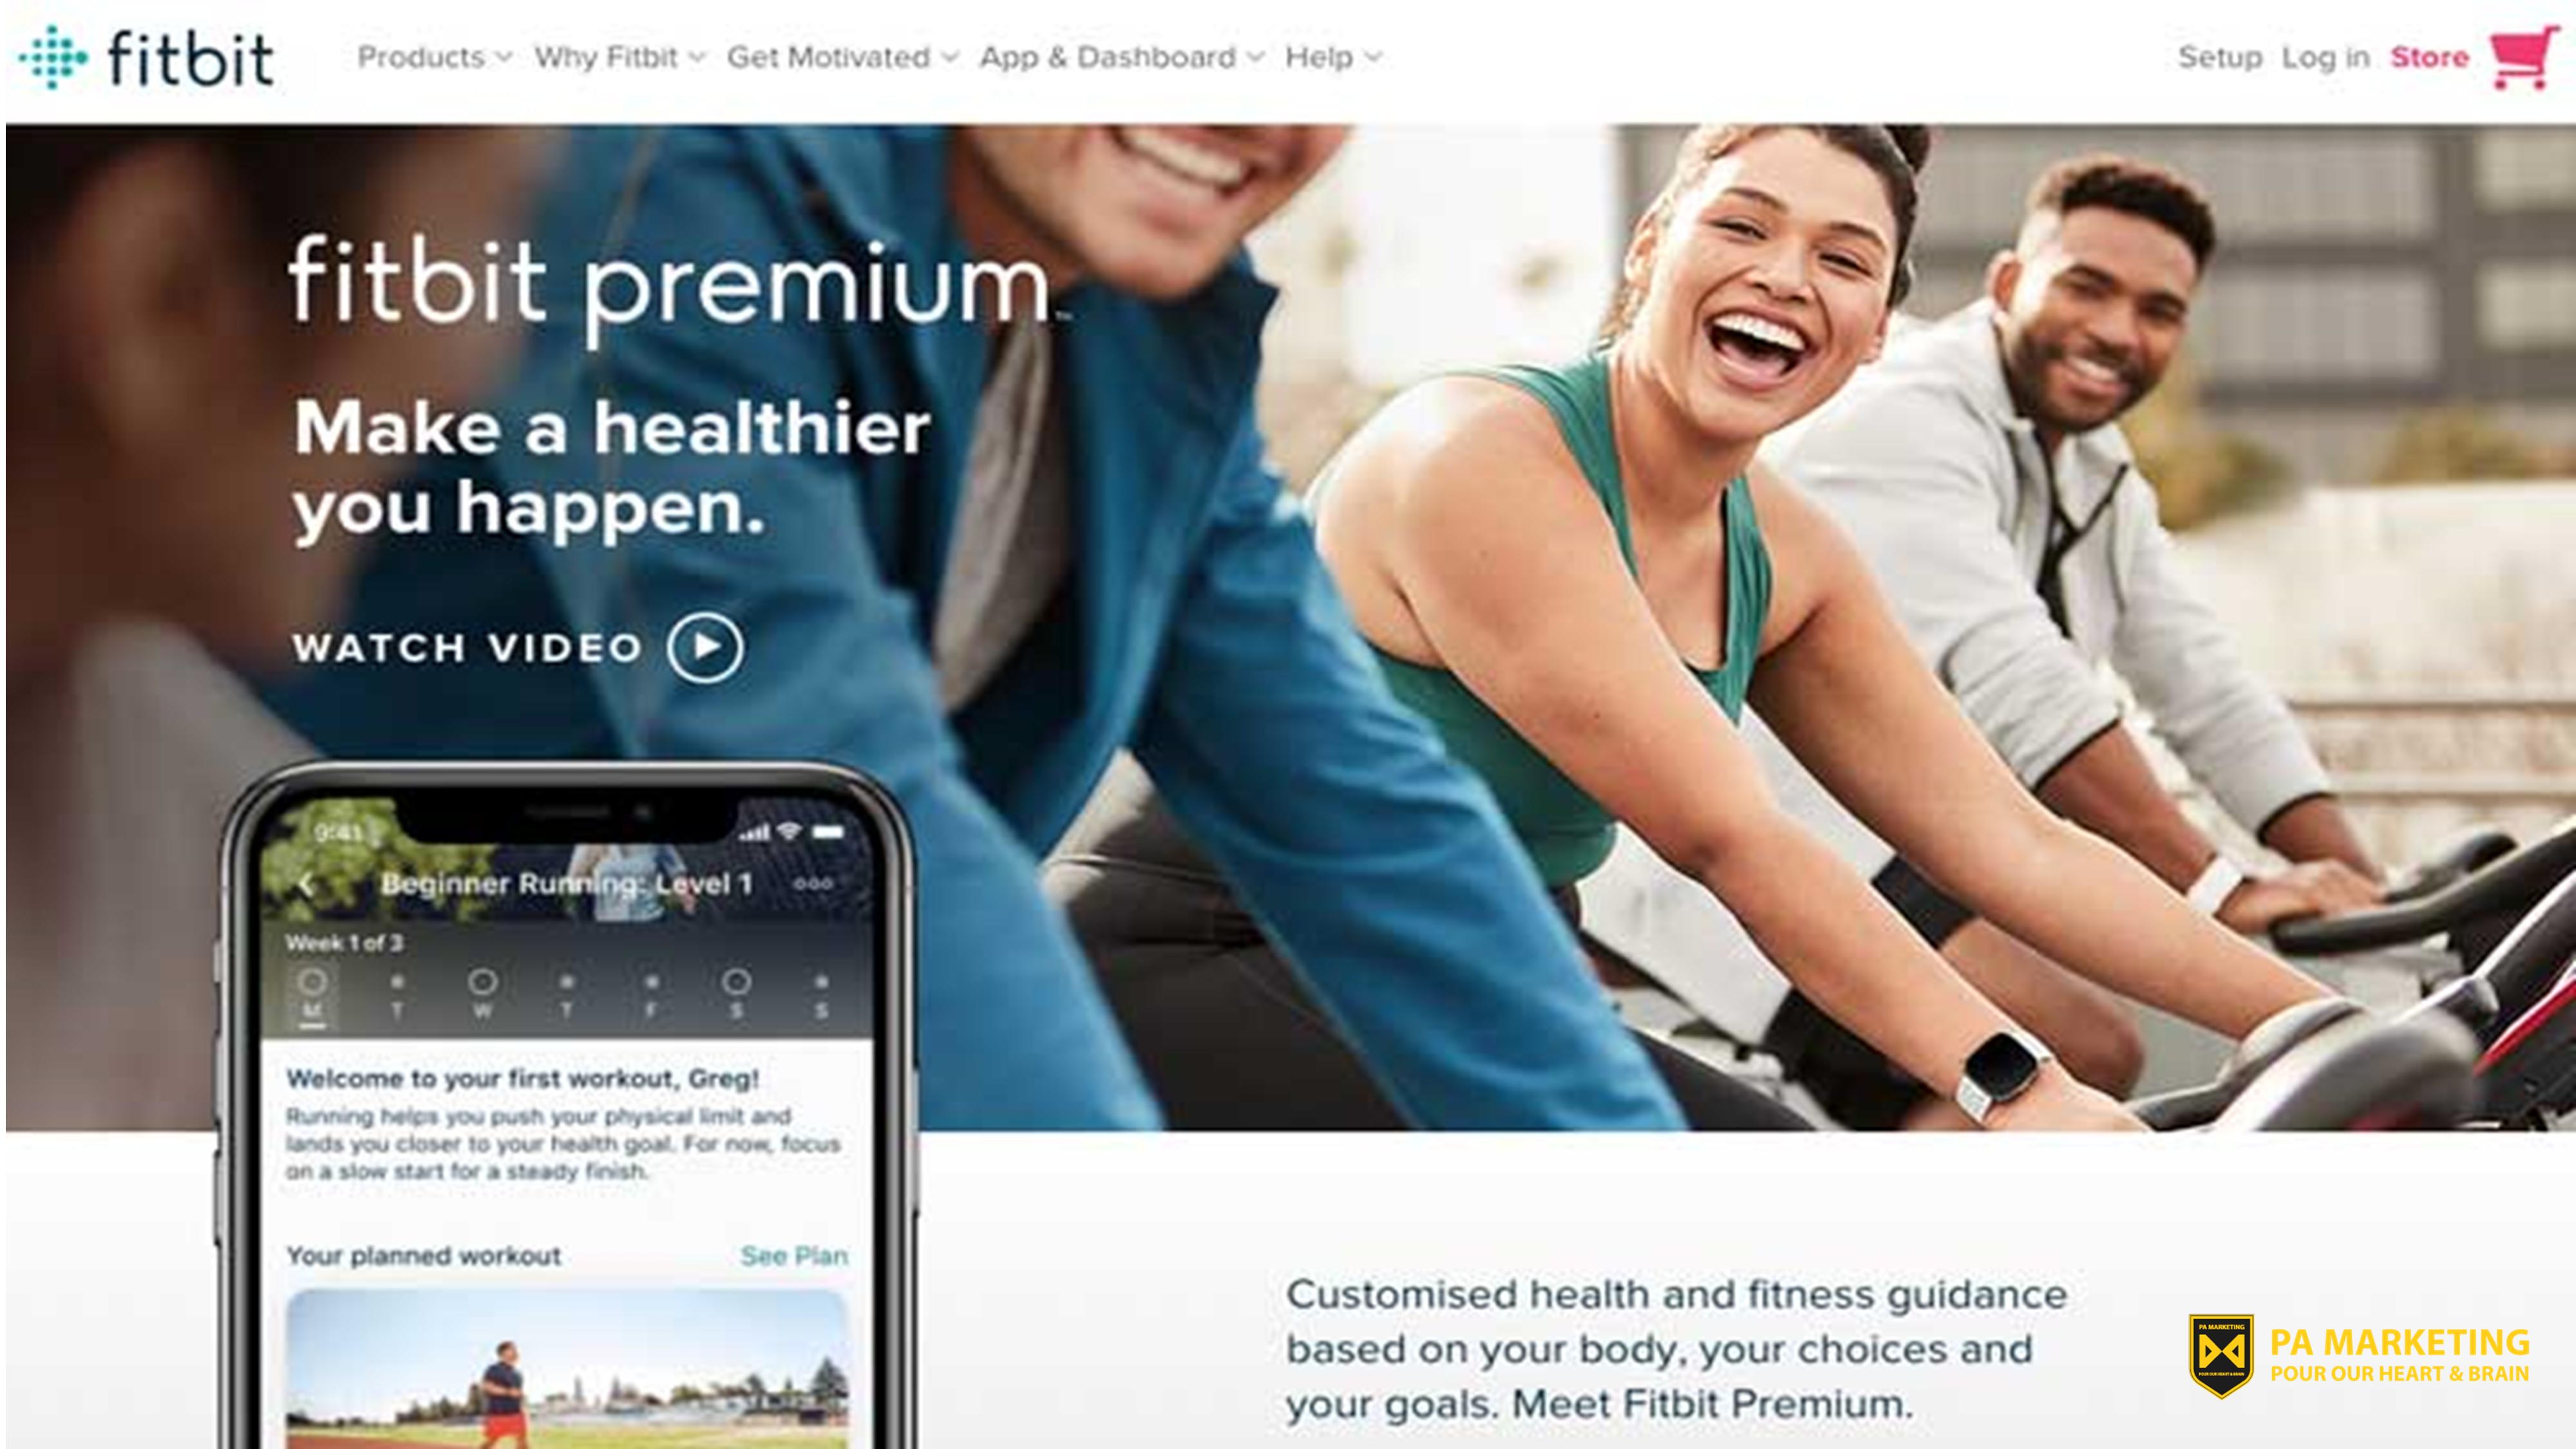 Mô hình kinh doanh đăng ký Fitbit